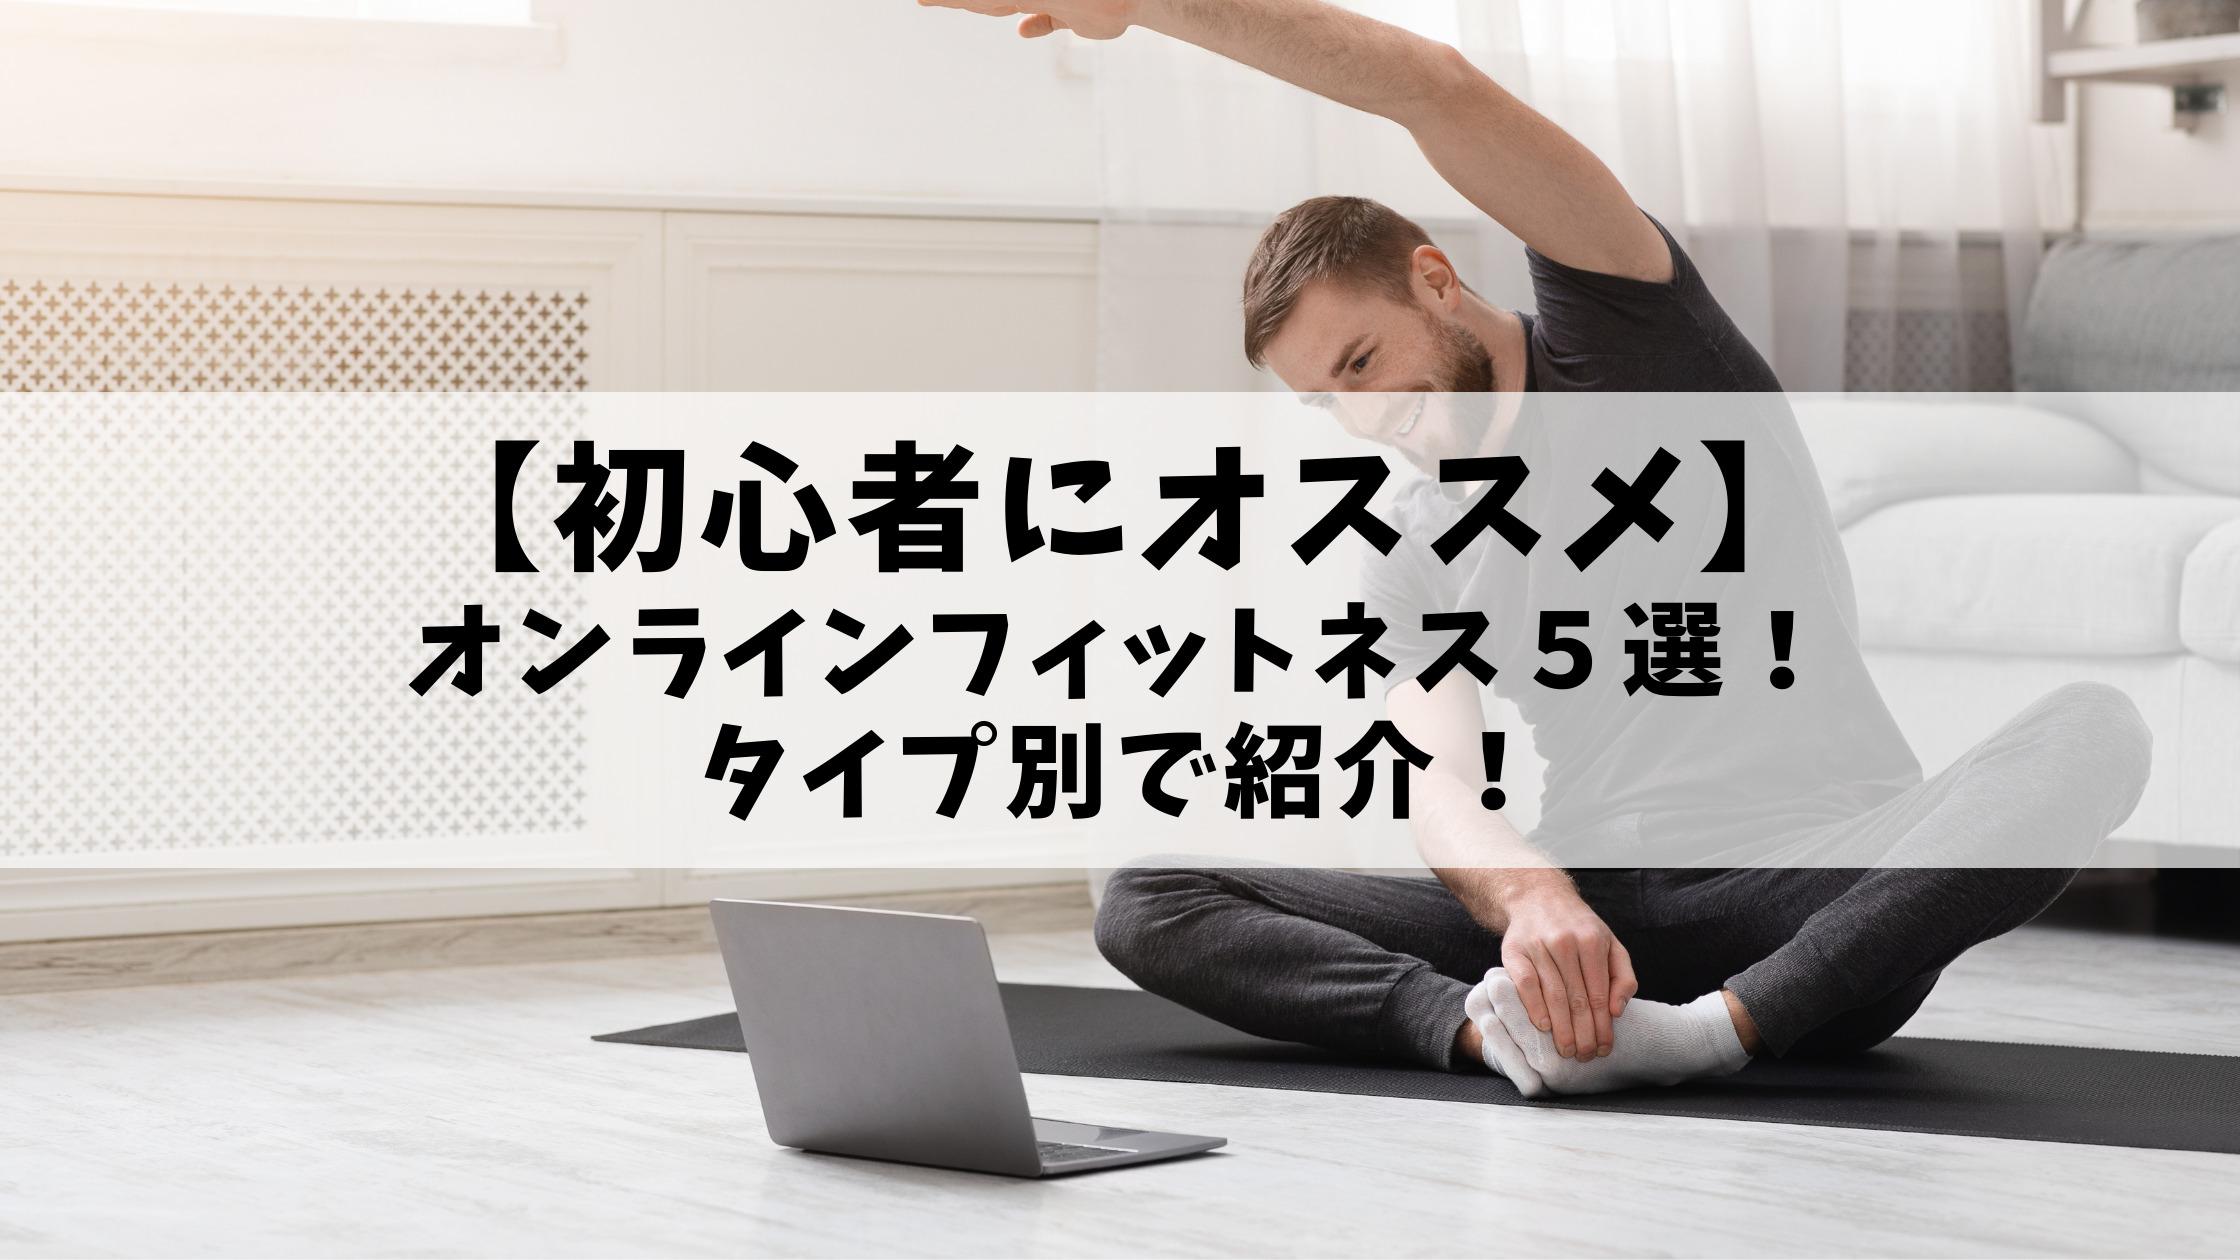 【初心者にオススメ】オンラインフィットネス5選!タイプ別で紹介。